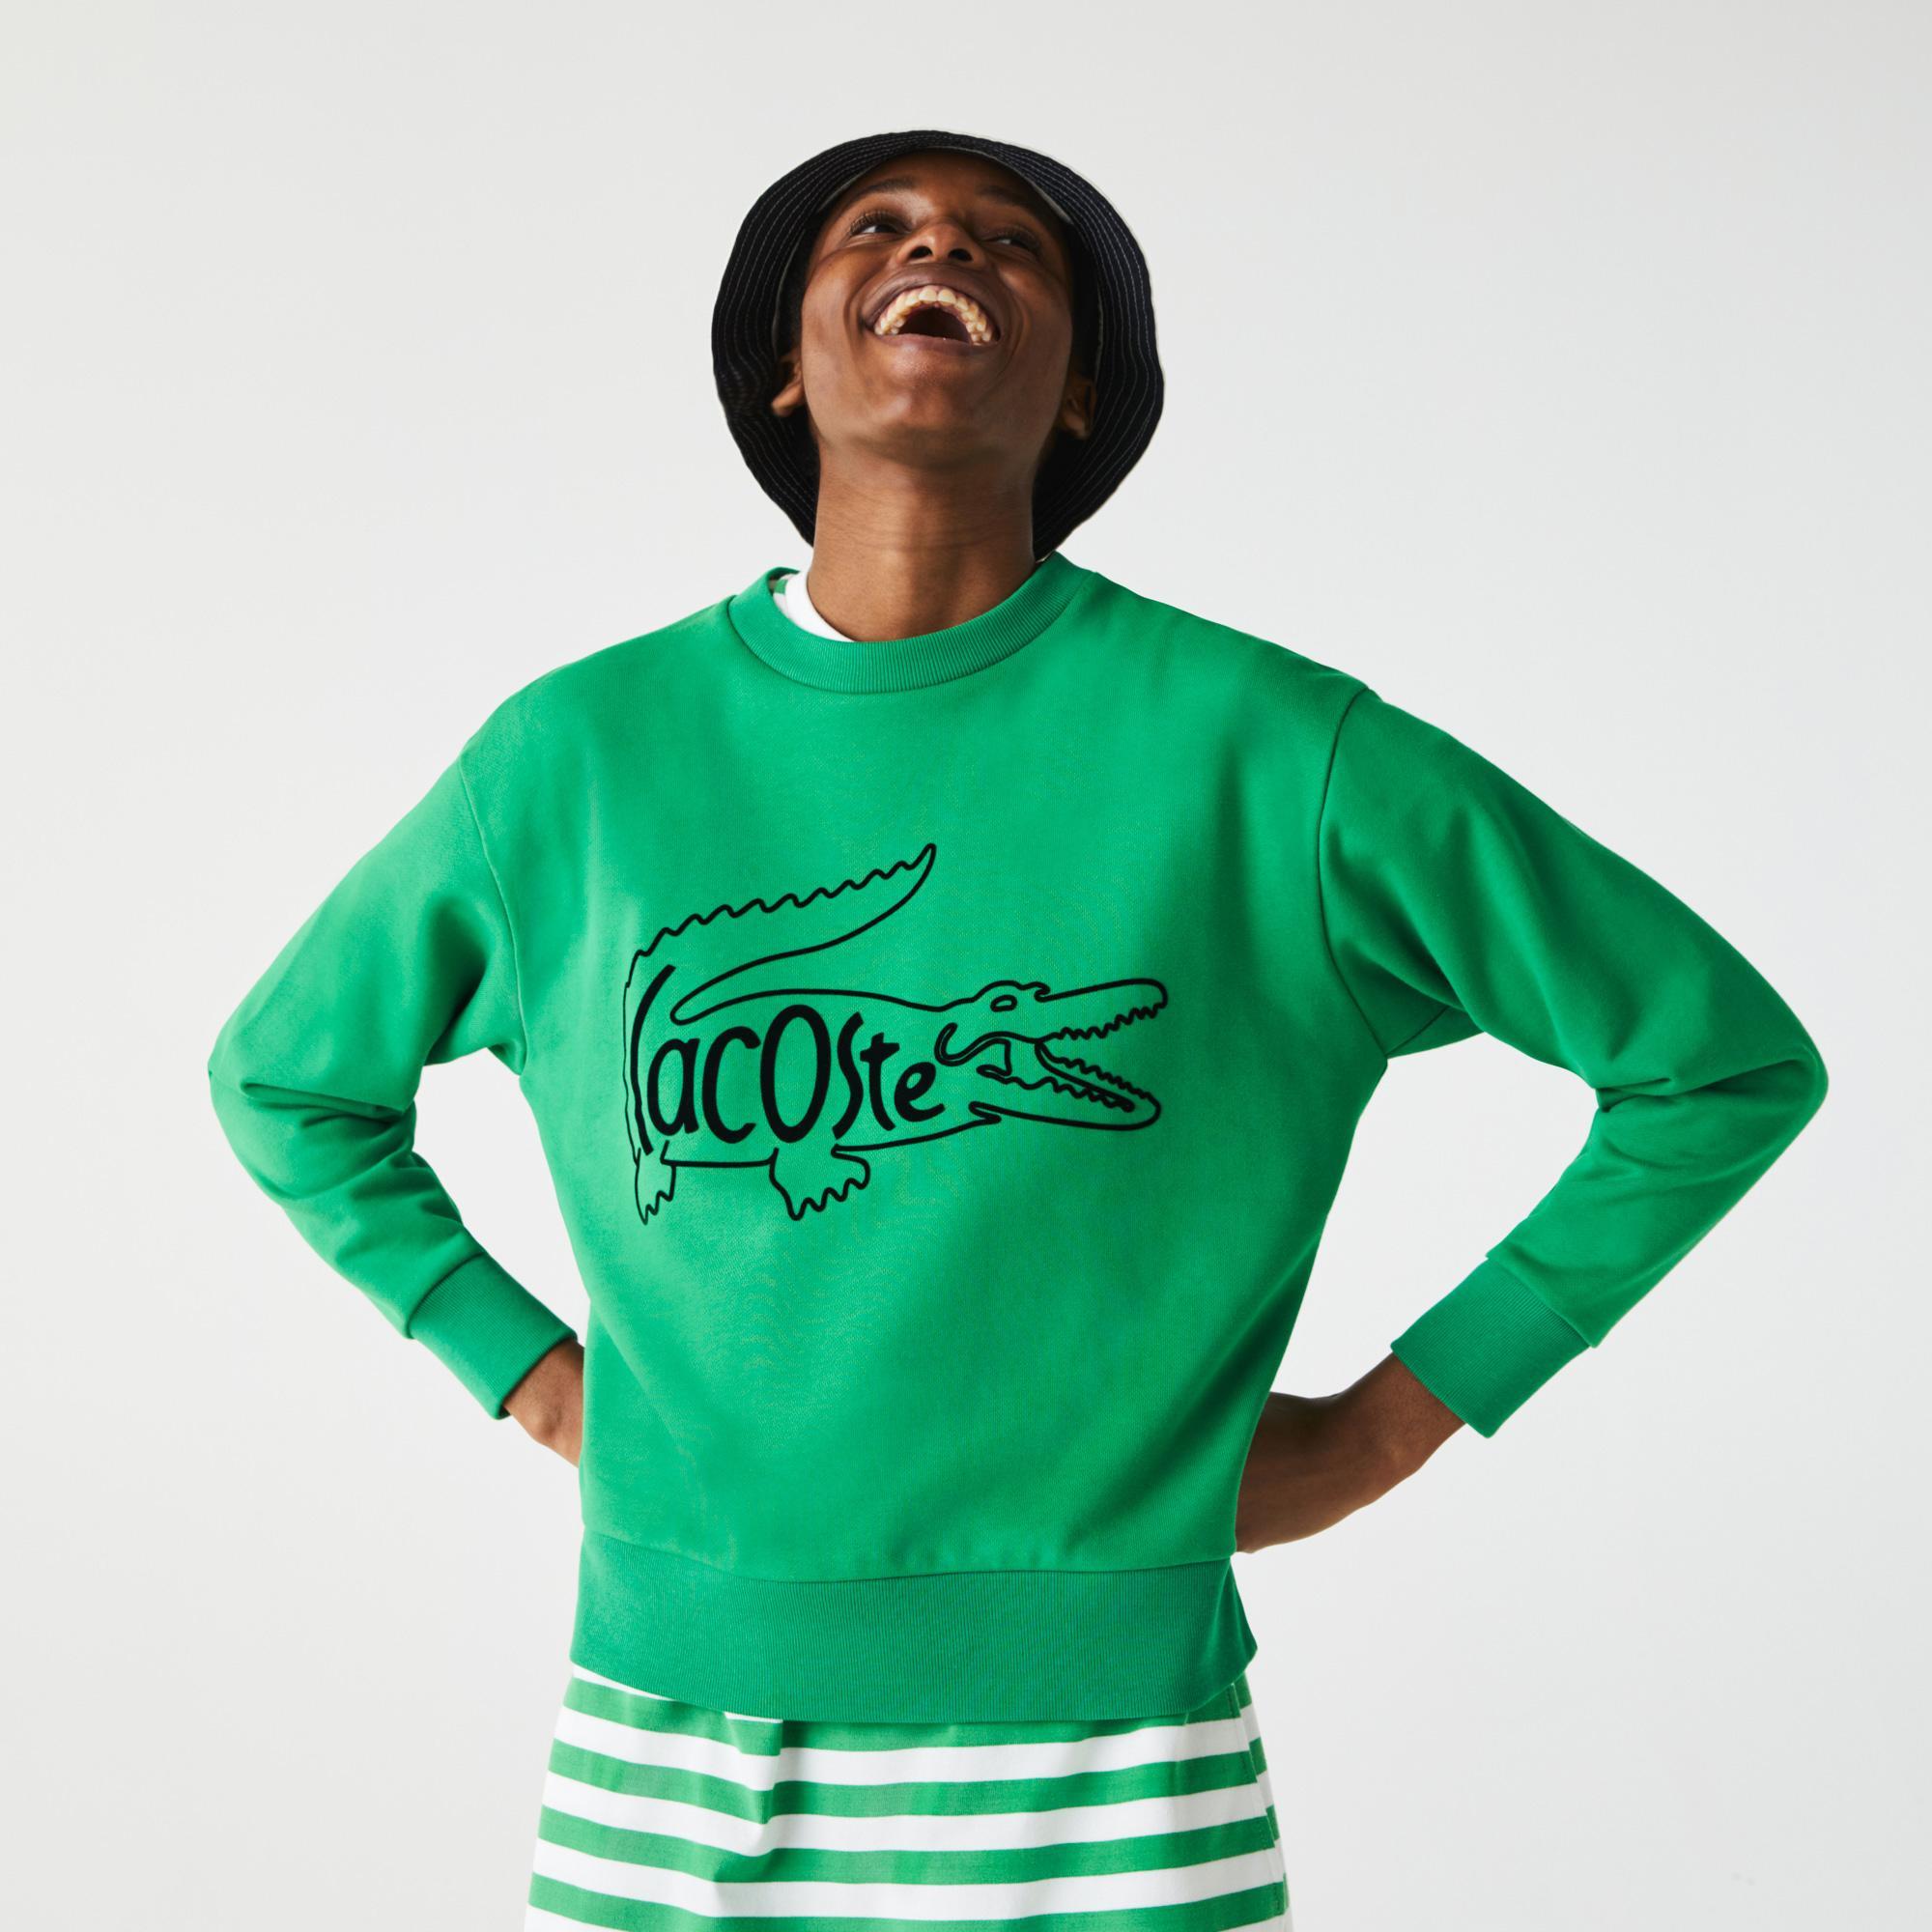 Lacoste Kadın Bisiklet Yaka Baskılı Yeşil Sweatshirt